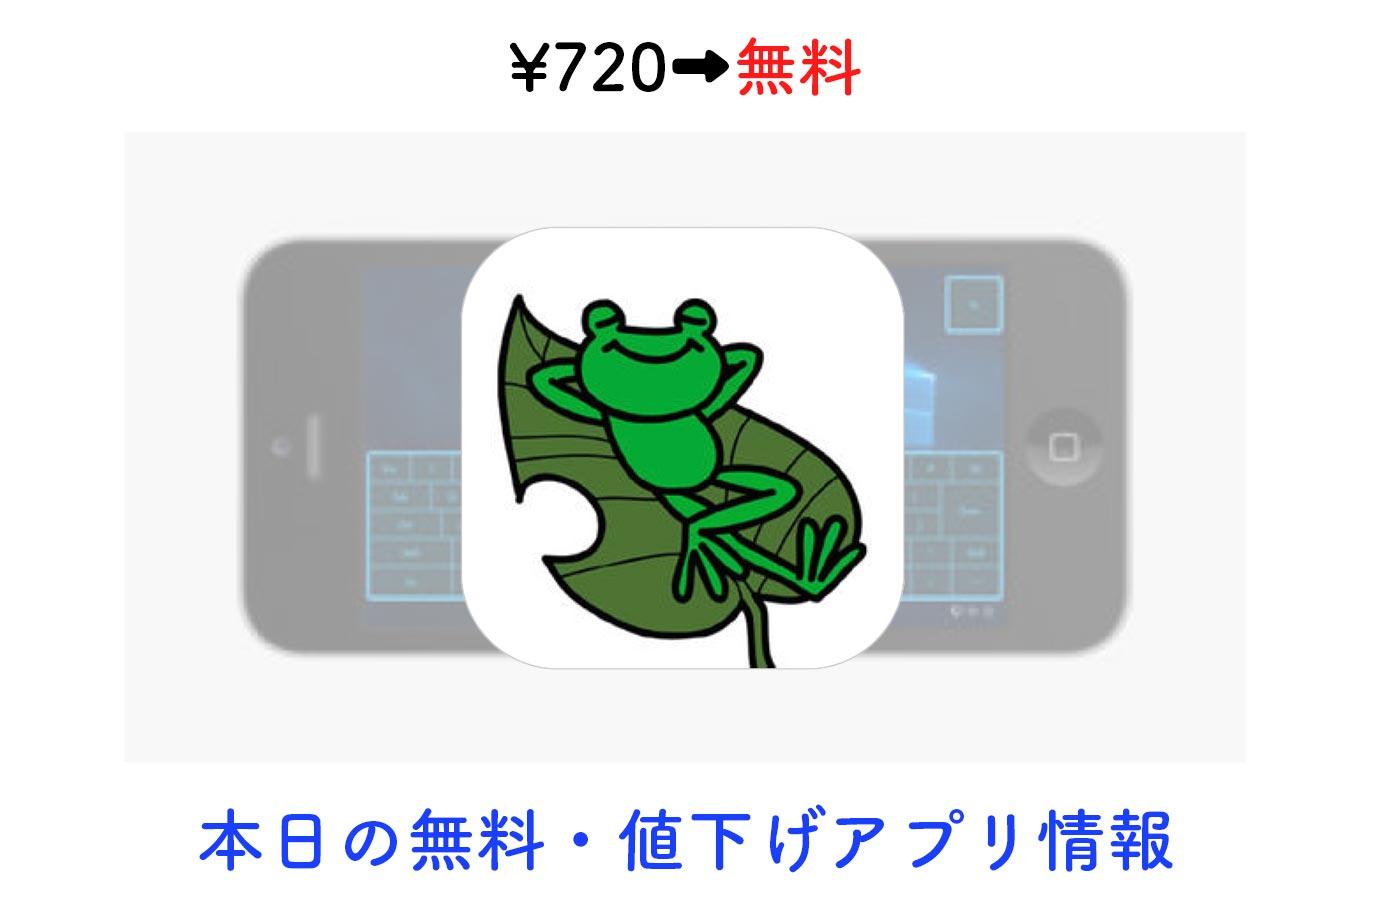 ¥720→無料、iOSデバイスでPCを操作できる「KeroRemote」など【1/14】本日の無料・値下げアプリ情報